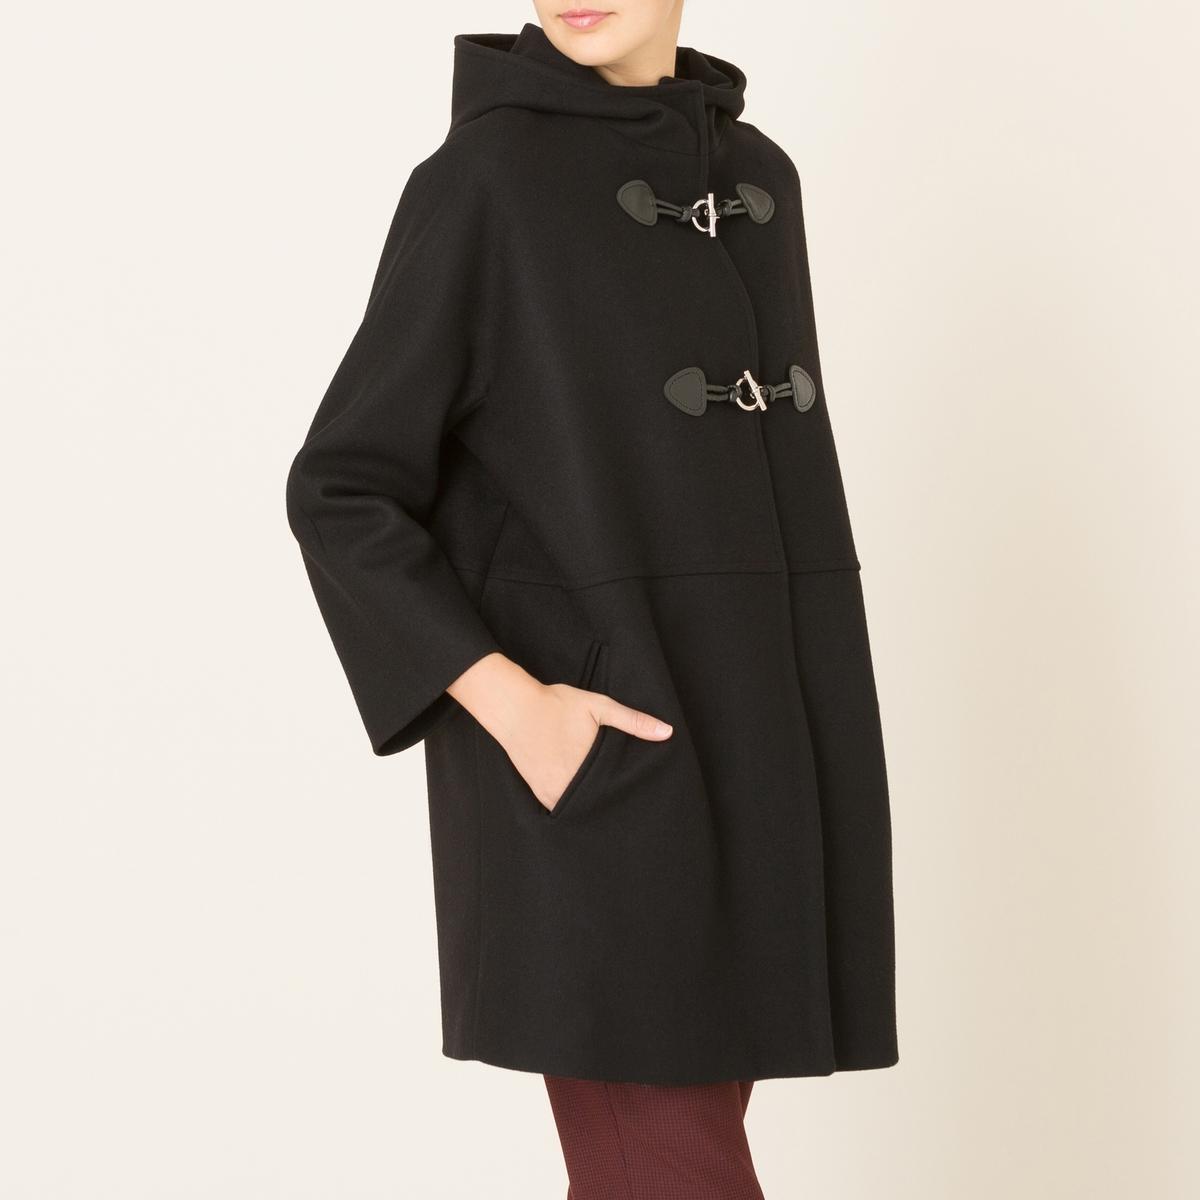 Пальто средней длины из шерстяного драпаСостав и описание    Материал : 70% необработанной шерсти, 20% полиамида, 10% кашемира   Подкладка 100% ацетат   Марка : LA BRAND BOUTIQUE<br><br>Цвет: черный